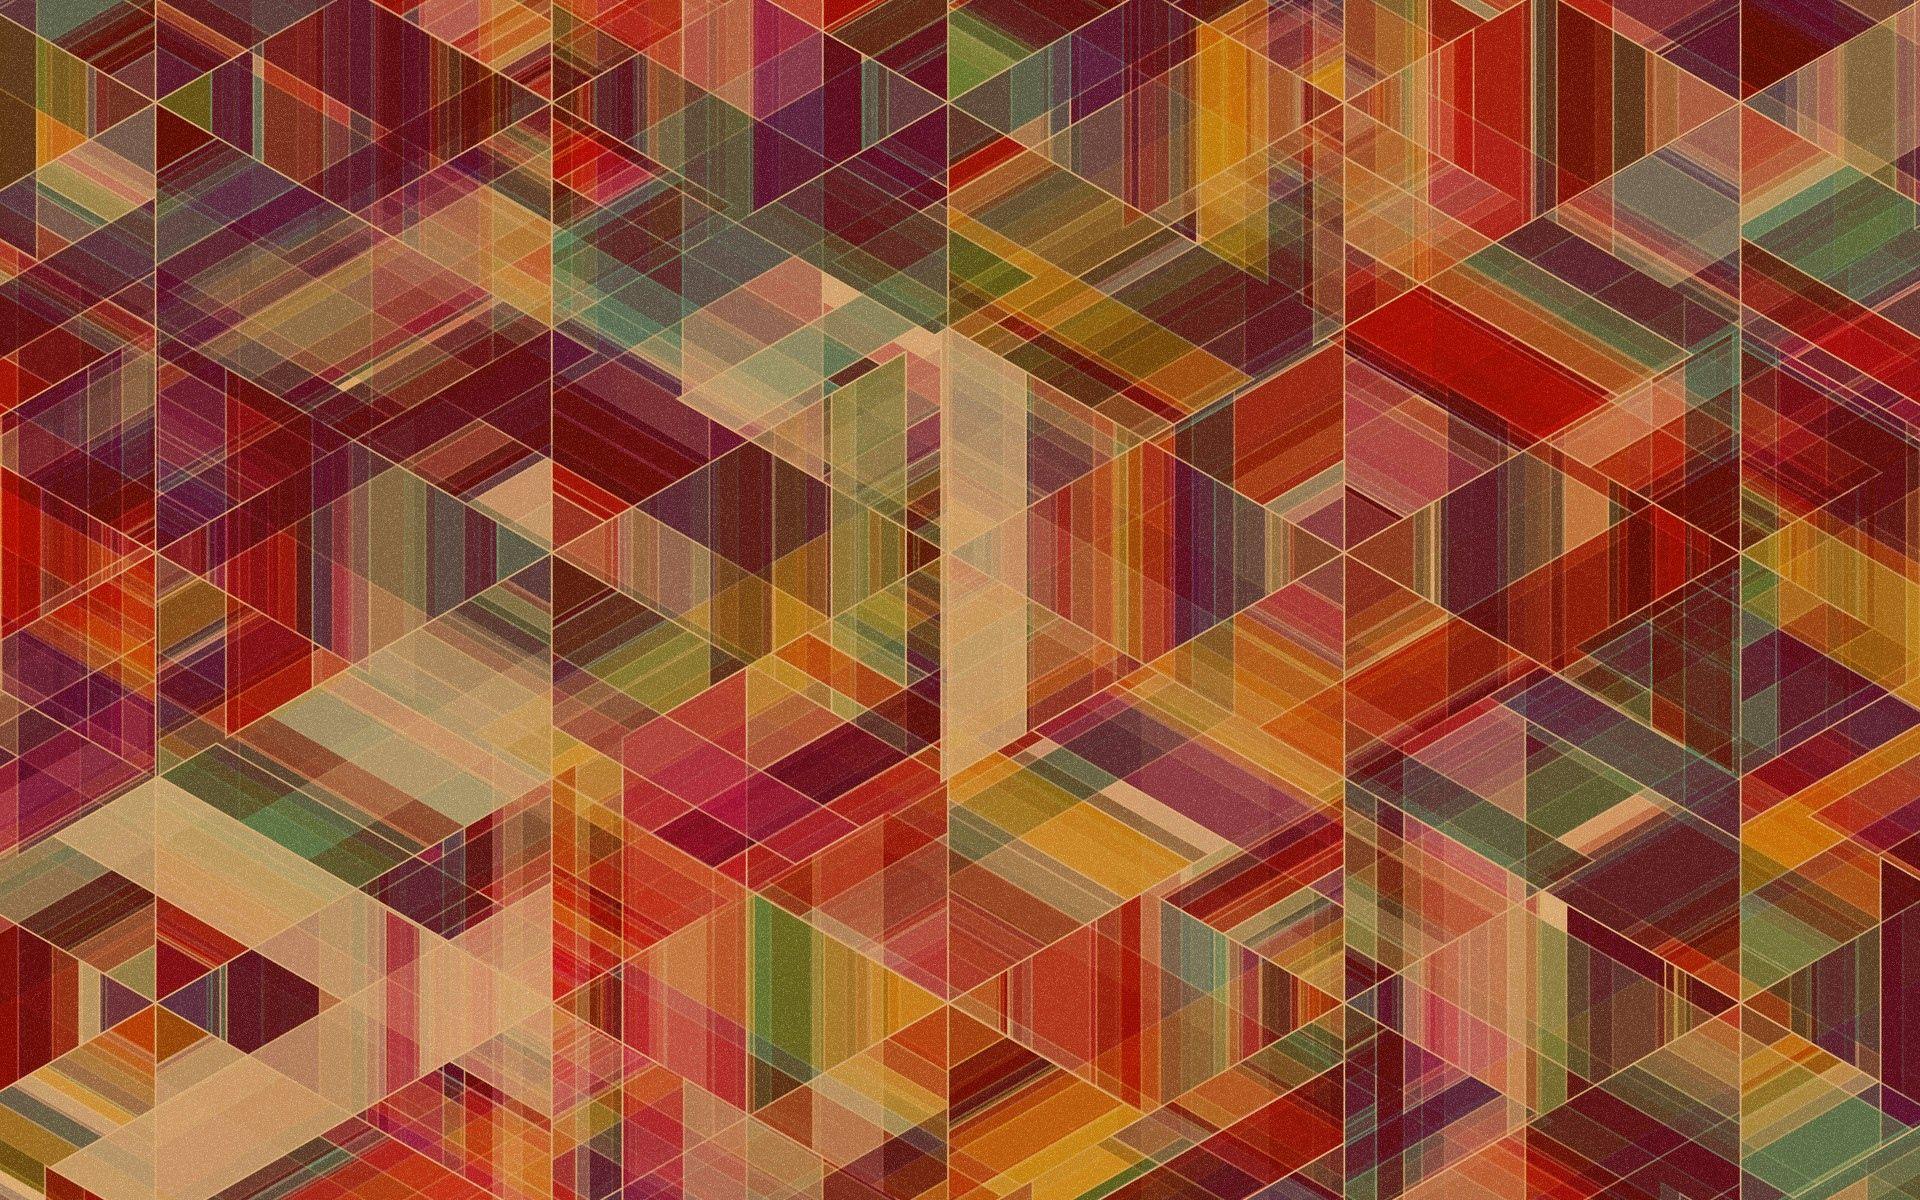 143036 Hintergrundbild herunterladen Linien, Abstrakt, Hintergrund, Mehrfarbig, Motley, Verbindung, Anschlüsse - Bildschirmschoner und Bilder kostenlos